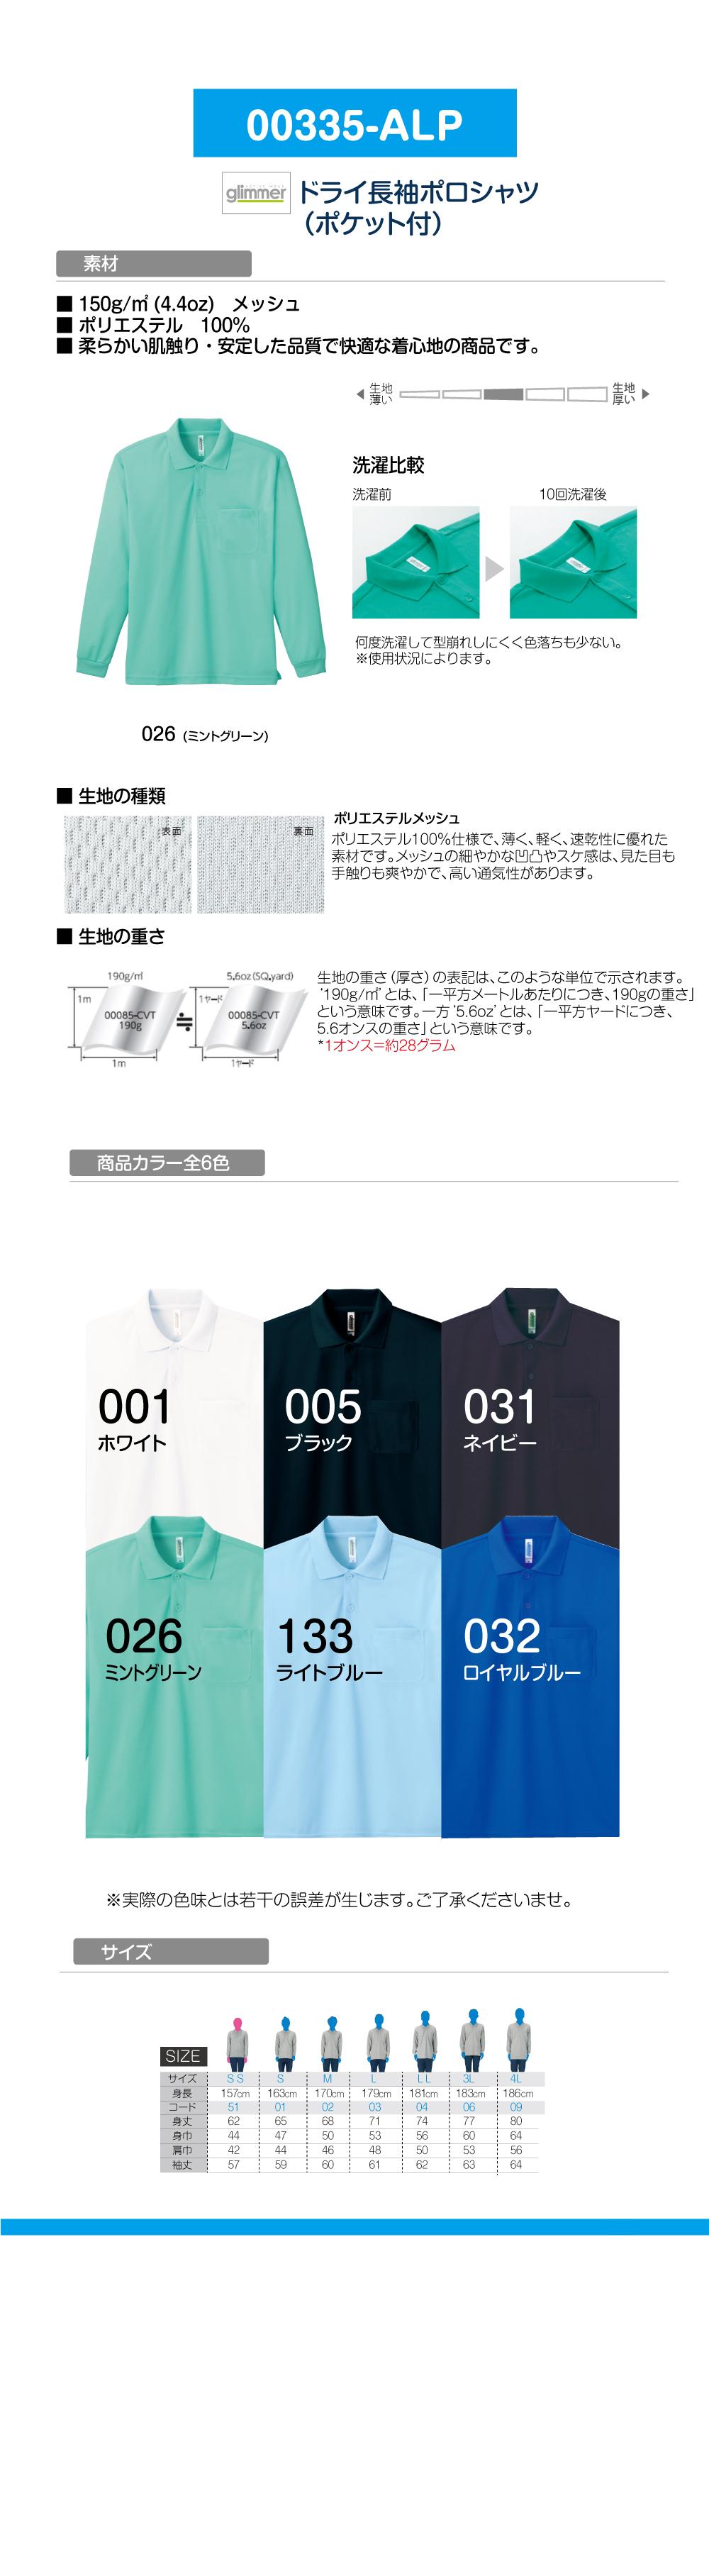 オリジナルポロシャツをスピード印刷 小ロットから大ロットまで注文可能です。ユニフォームやイベントに!